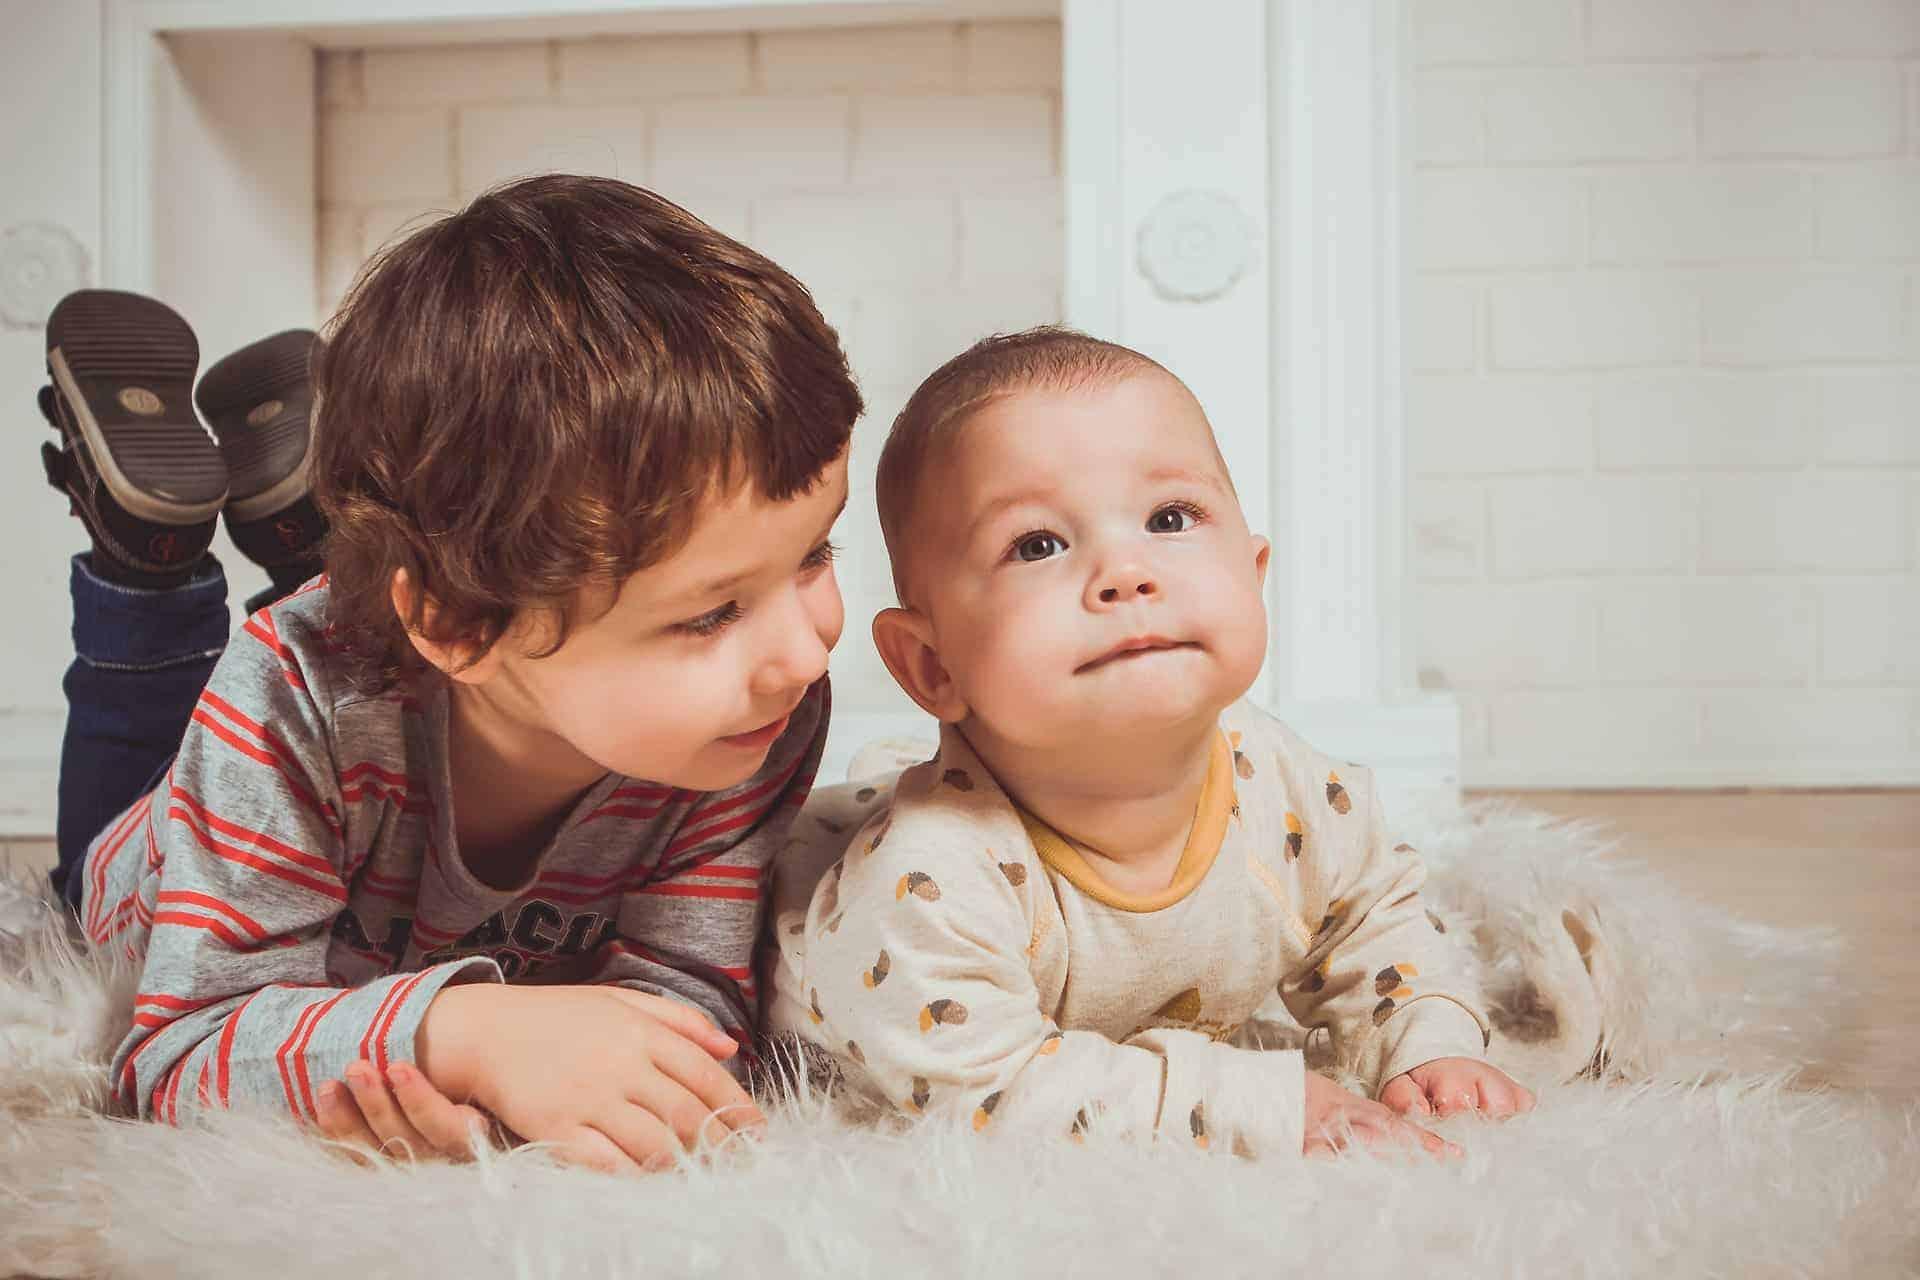 dječak i beba